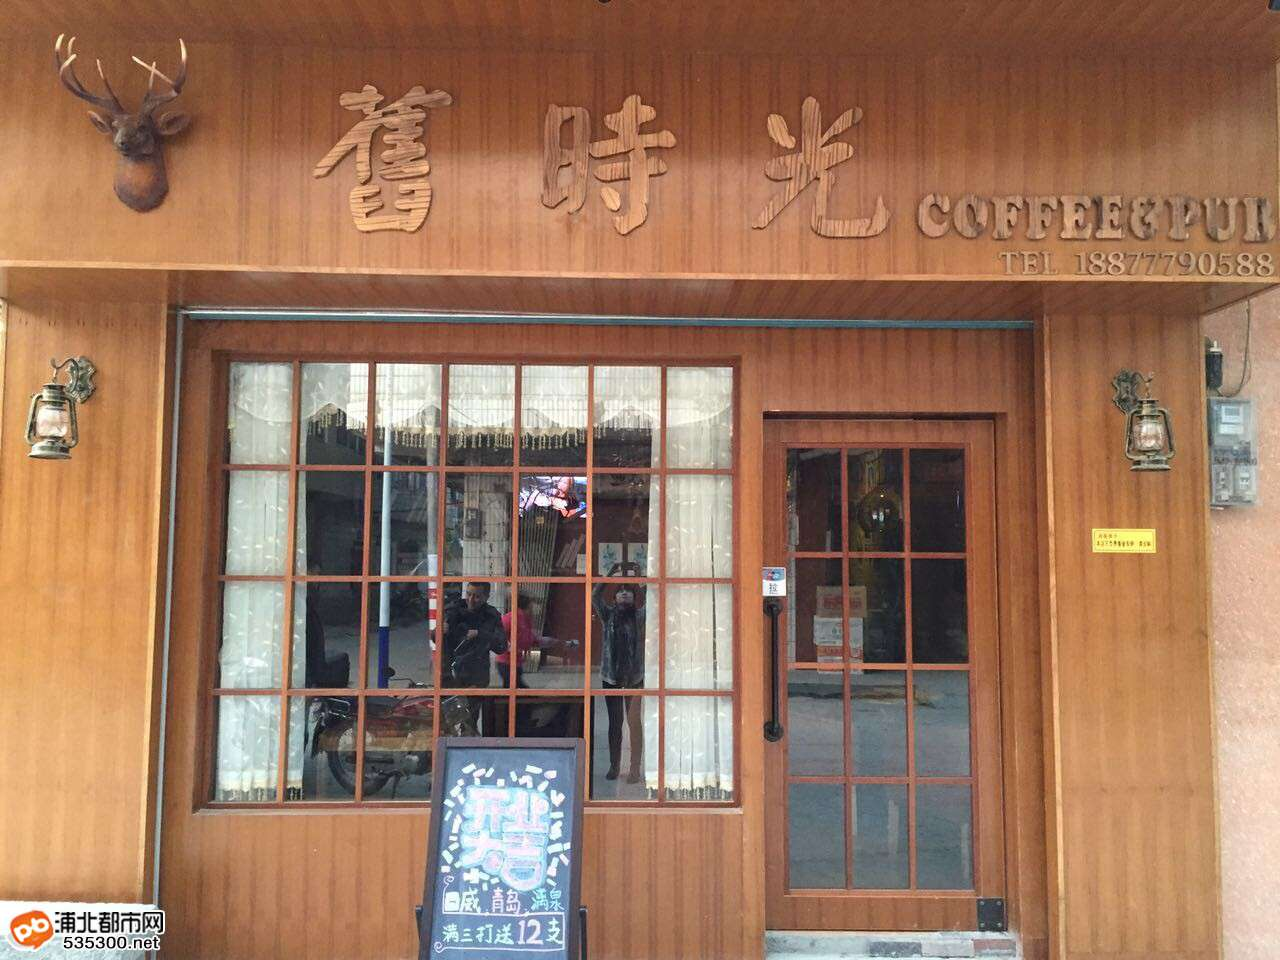 寨圩也有高级pub酒吧咖啡厅!里面好多靓女哦!